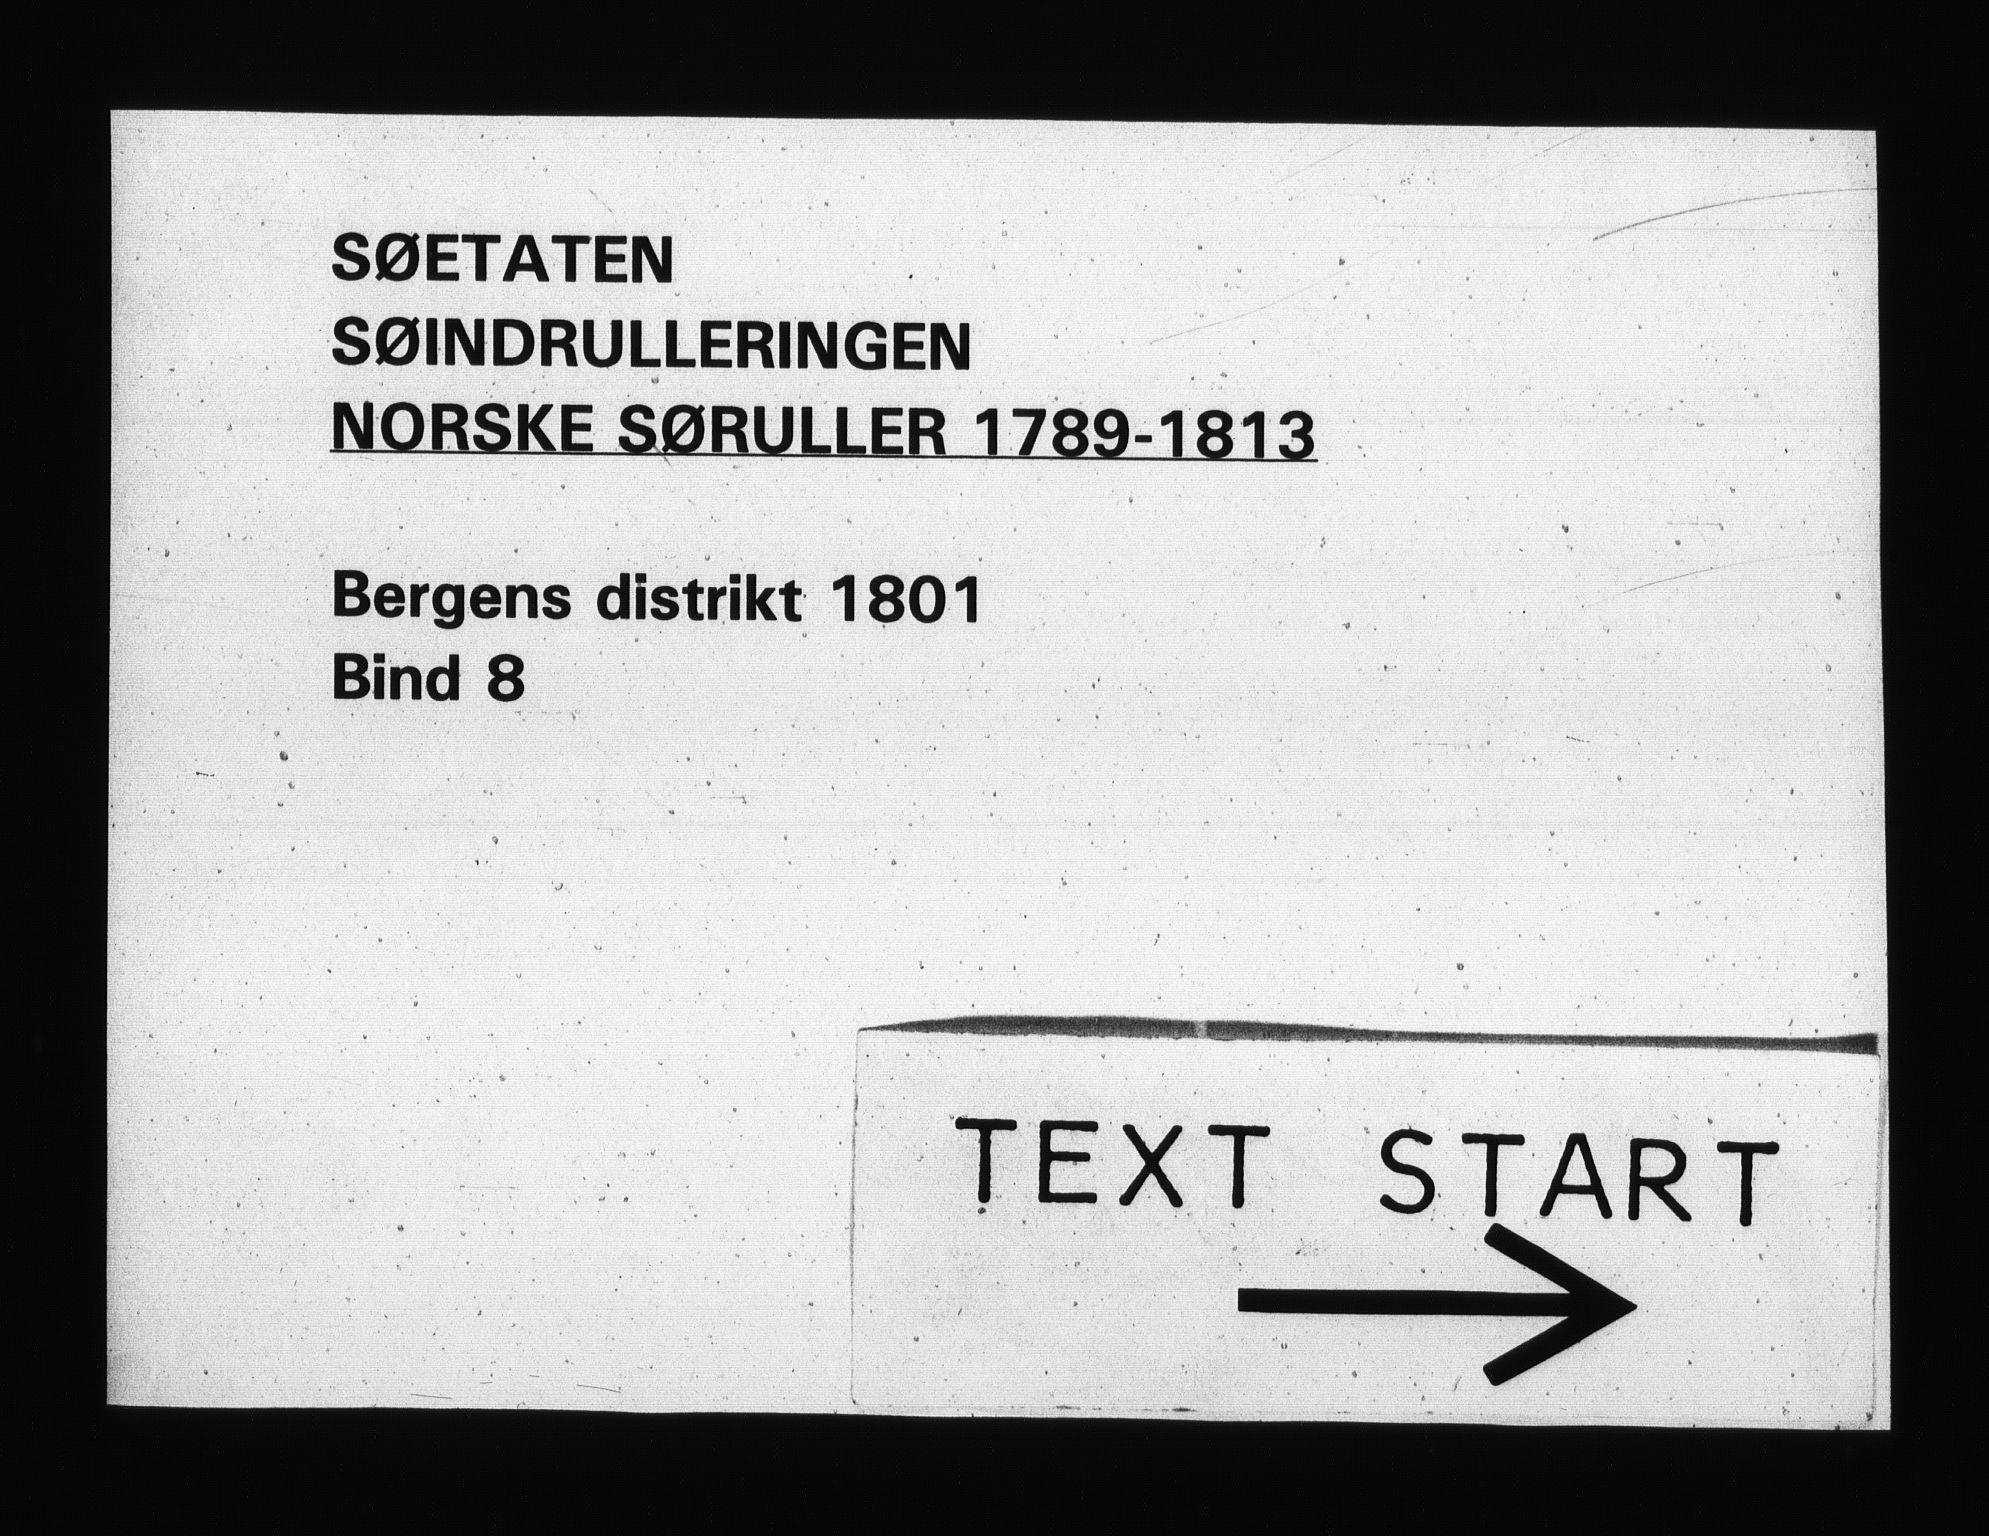 RA, Sjøetaten, F/L0240: Bergen distrikt, bind 8, 1801